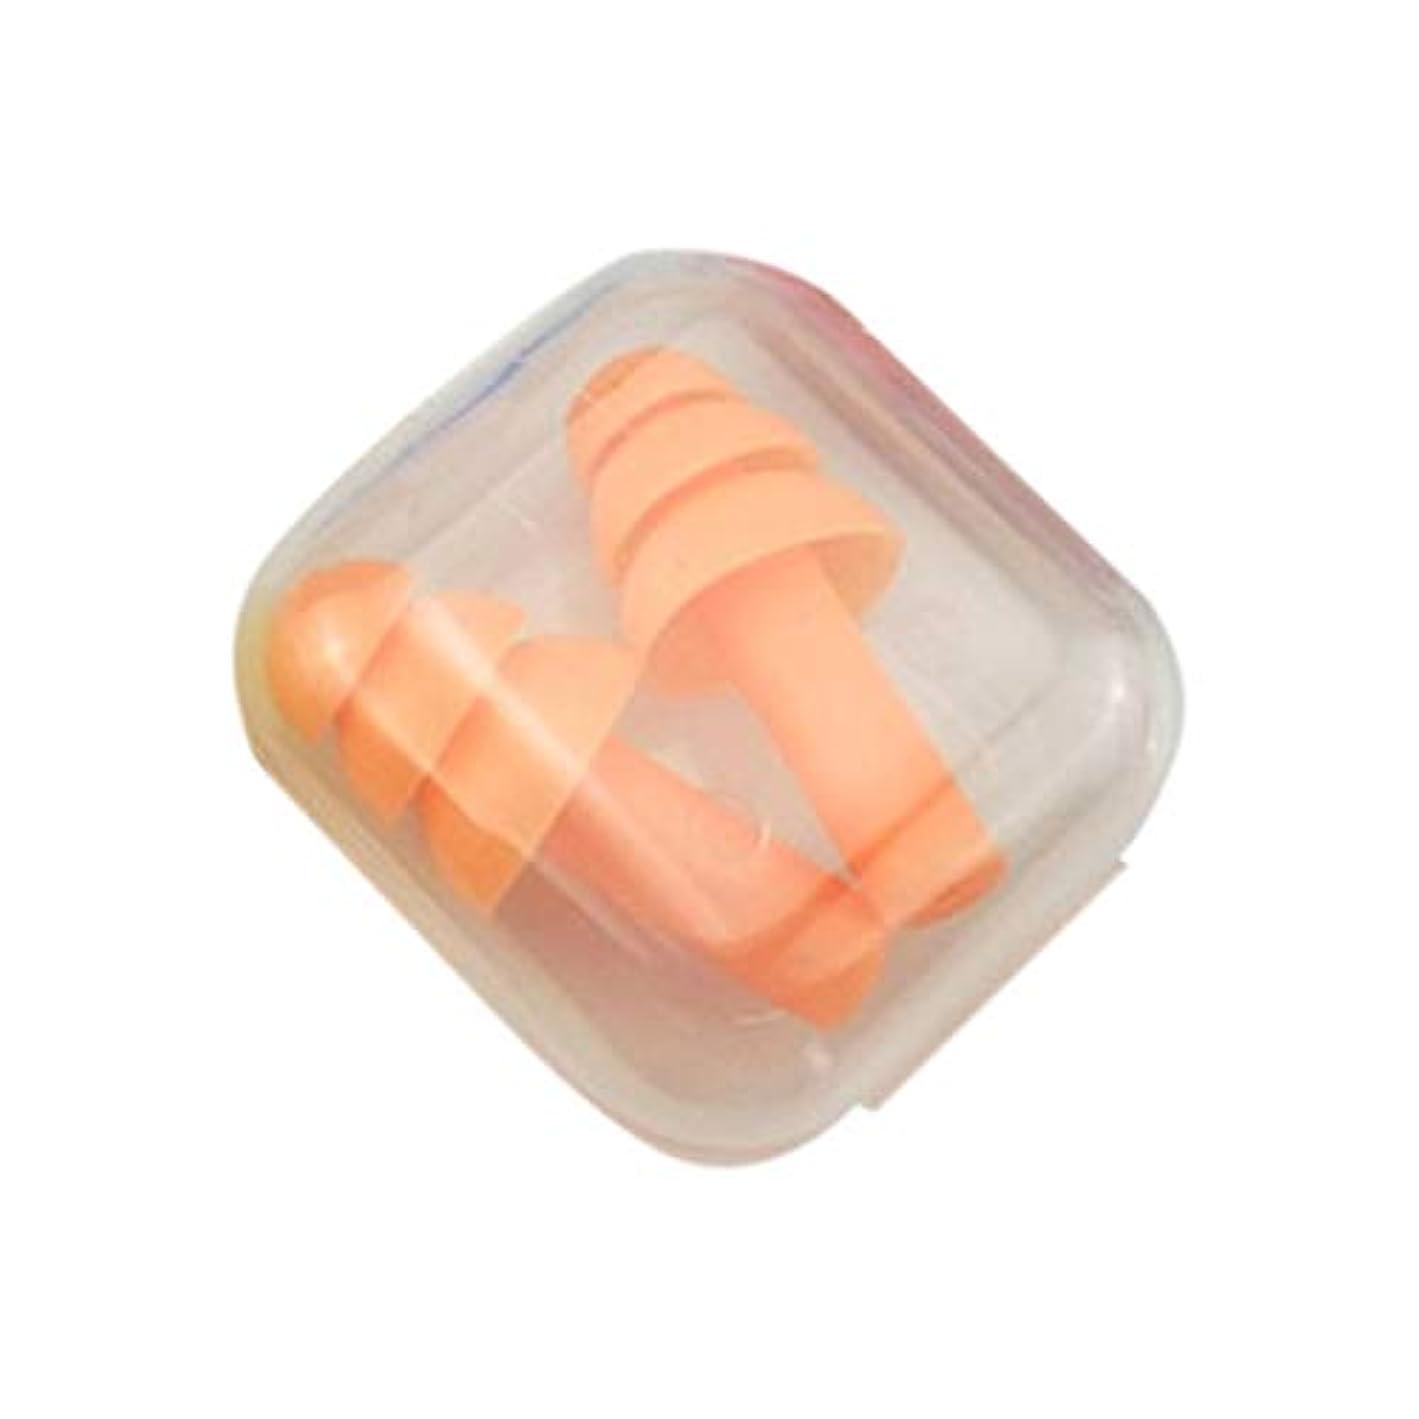 ルートハードウェアスパン柔らかいシリコーンの耳栓遮音用耳の保護用の耳栓防音睡眠ボックス付き収納ボックス - オレンジ